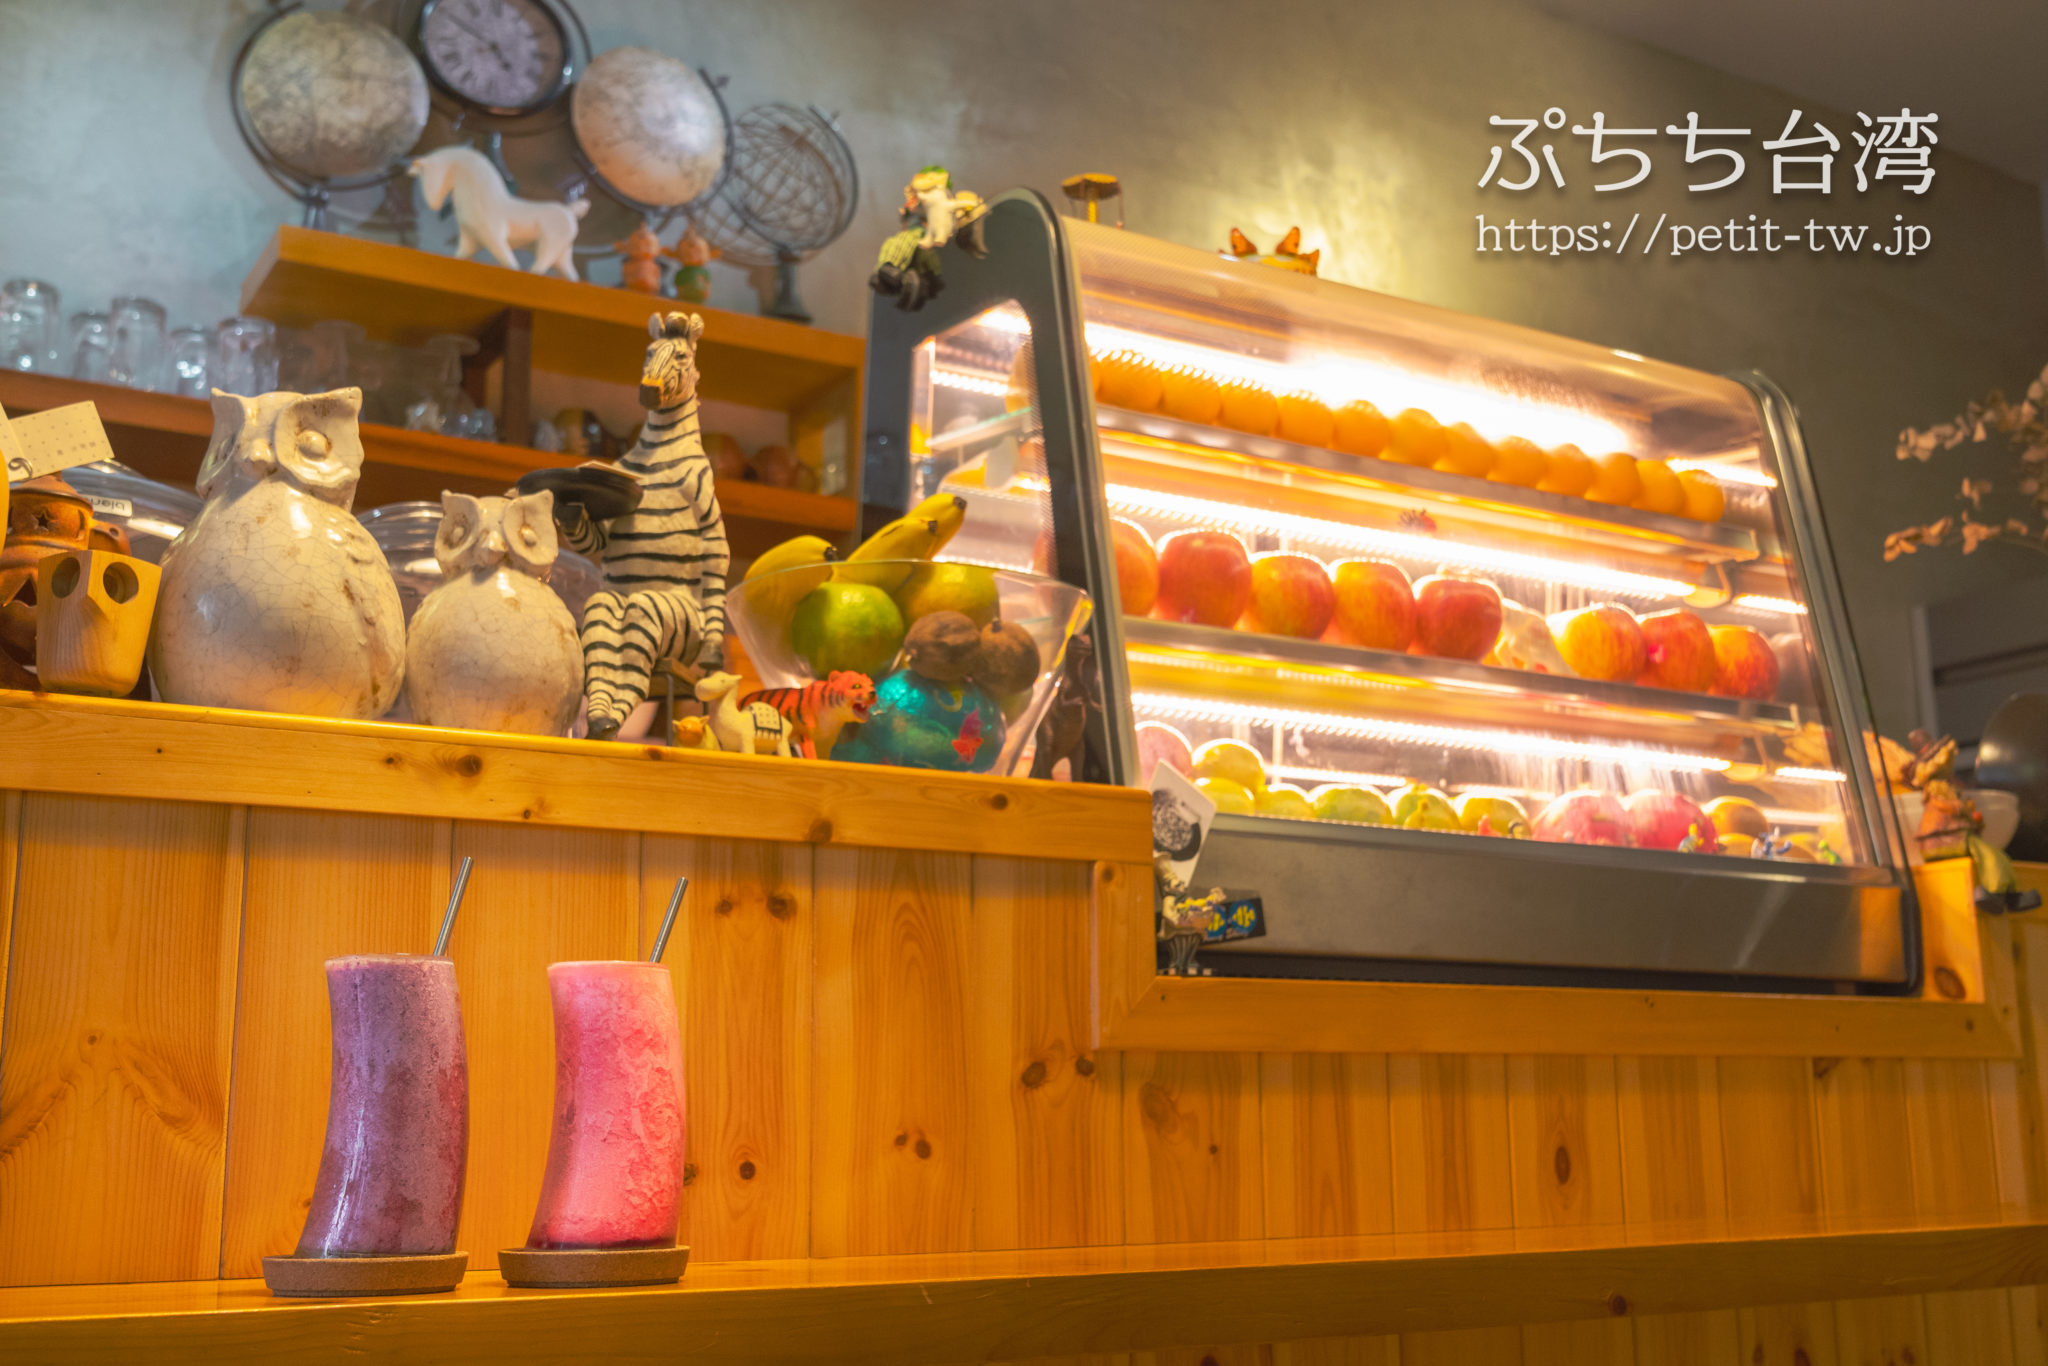 鳳冰果舖の店内